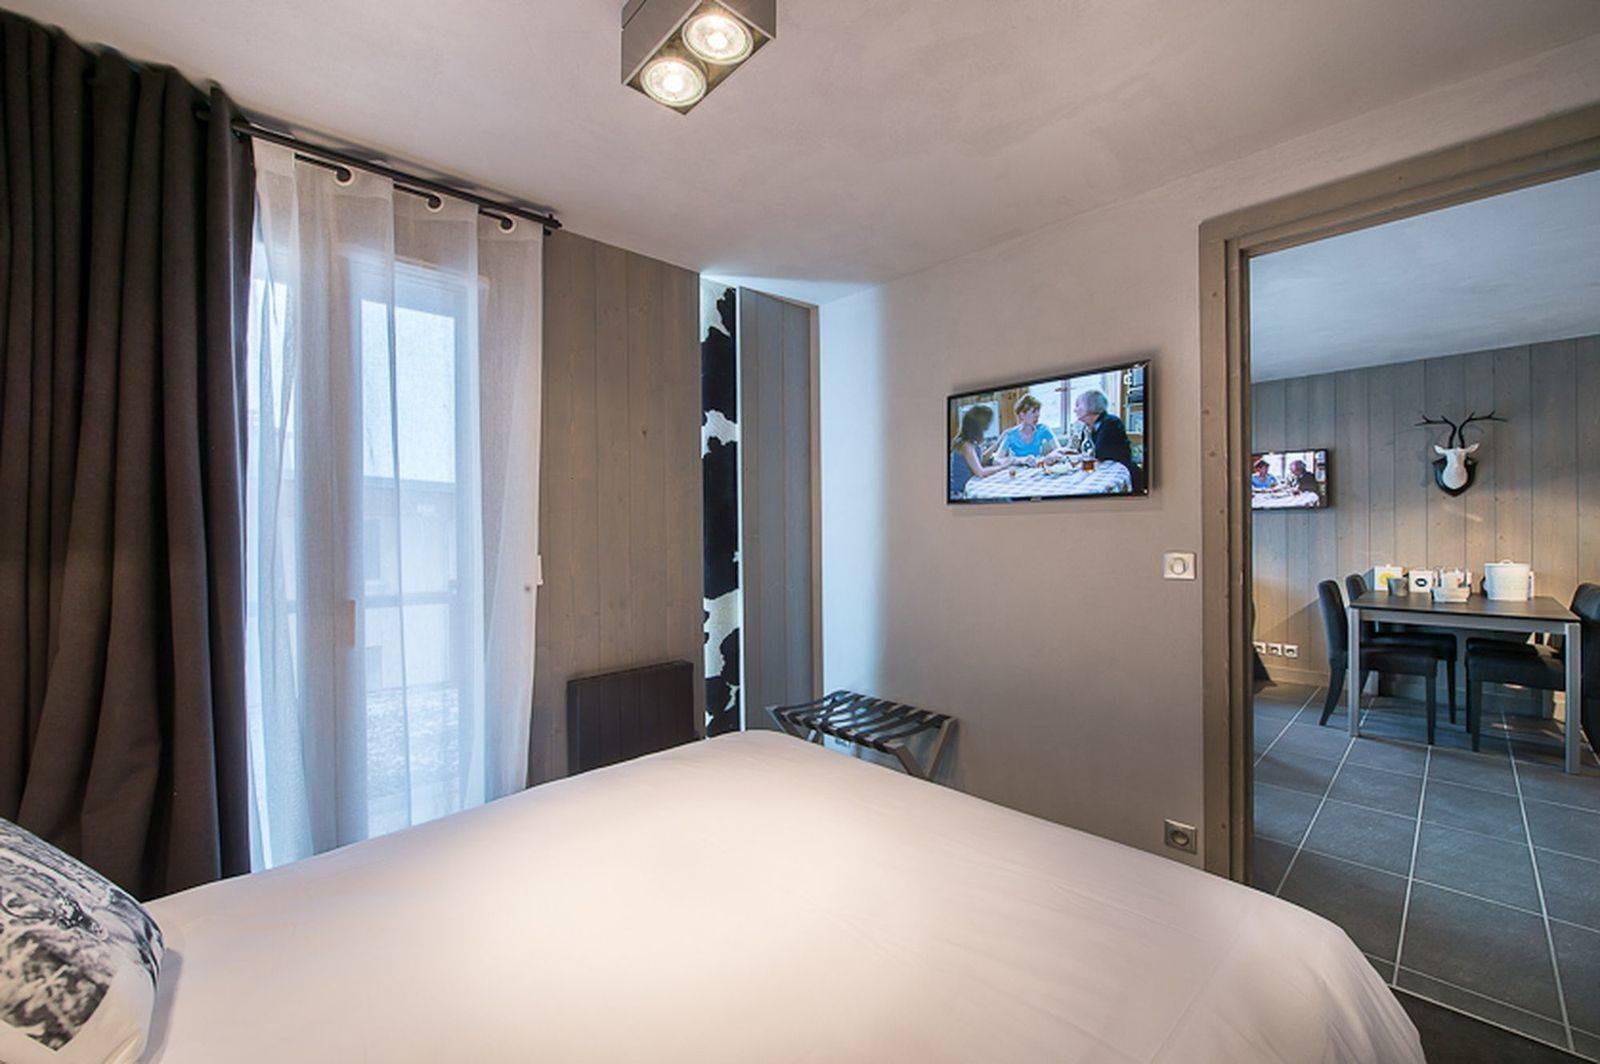 Courchevel 1650 Location Appartement Luxe Doredo Chambre 2